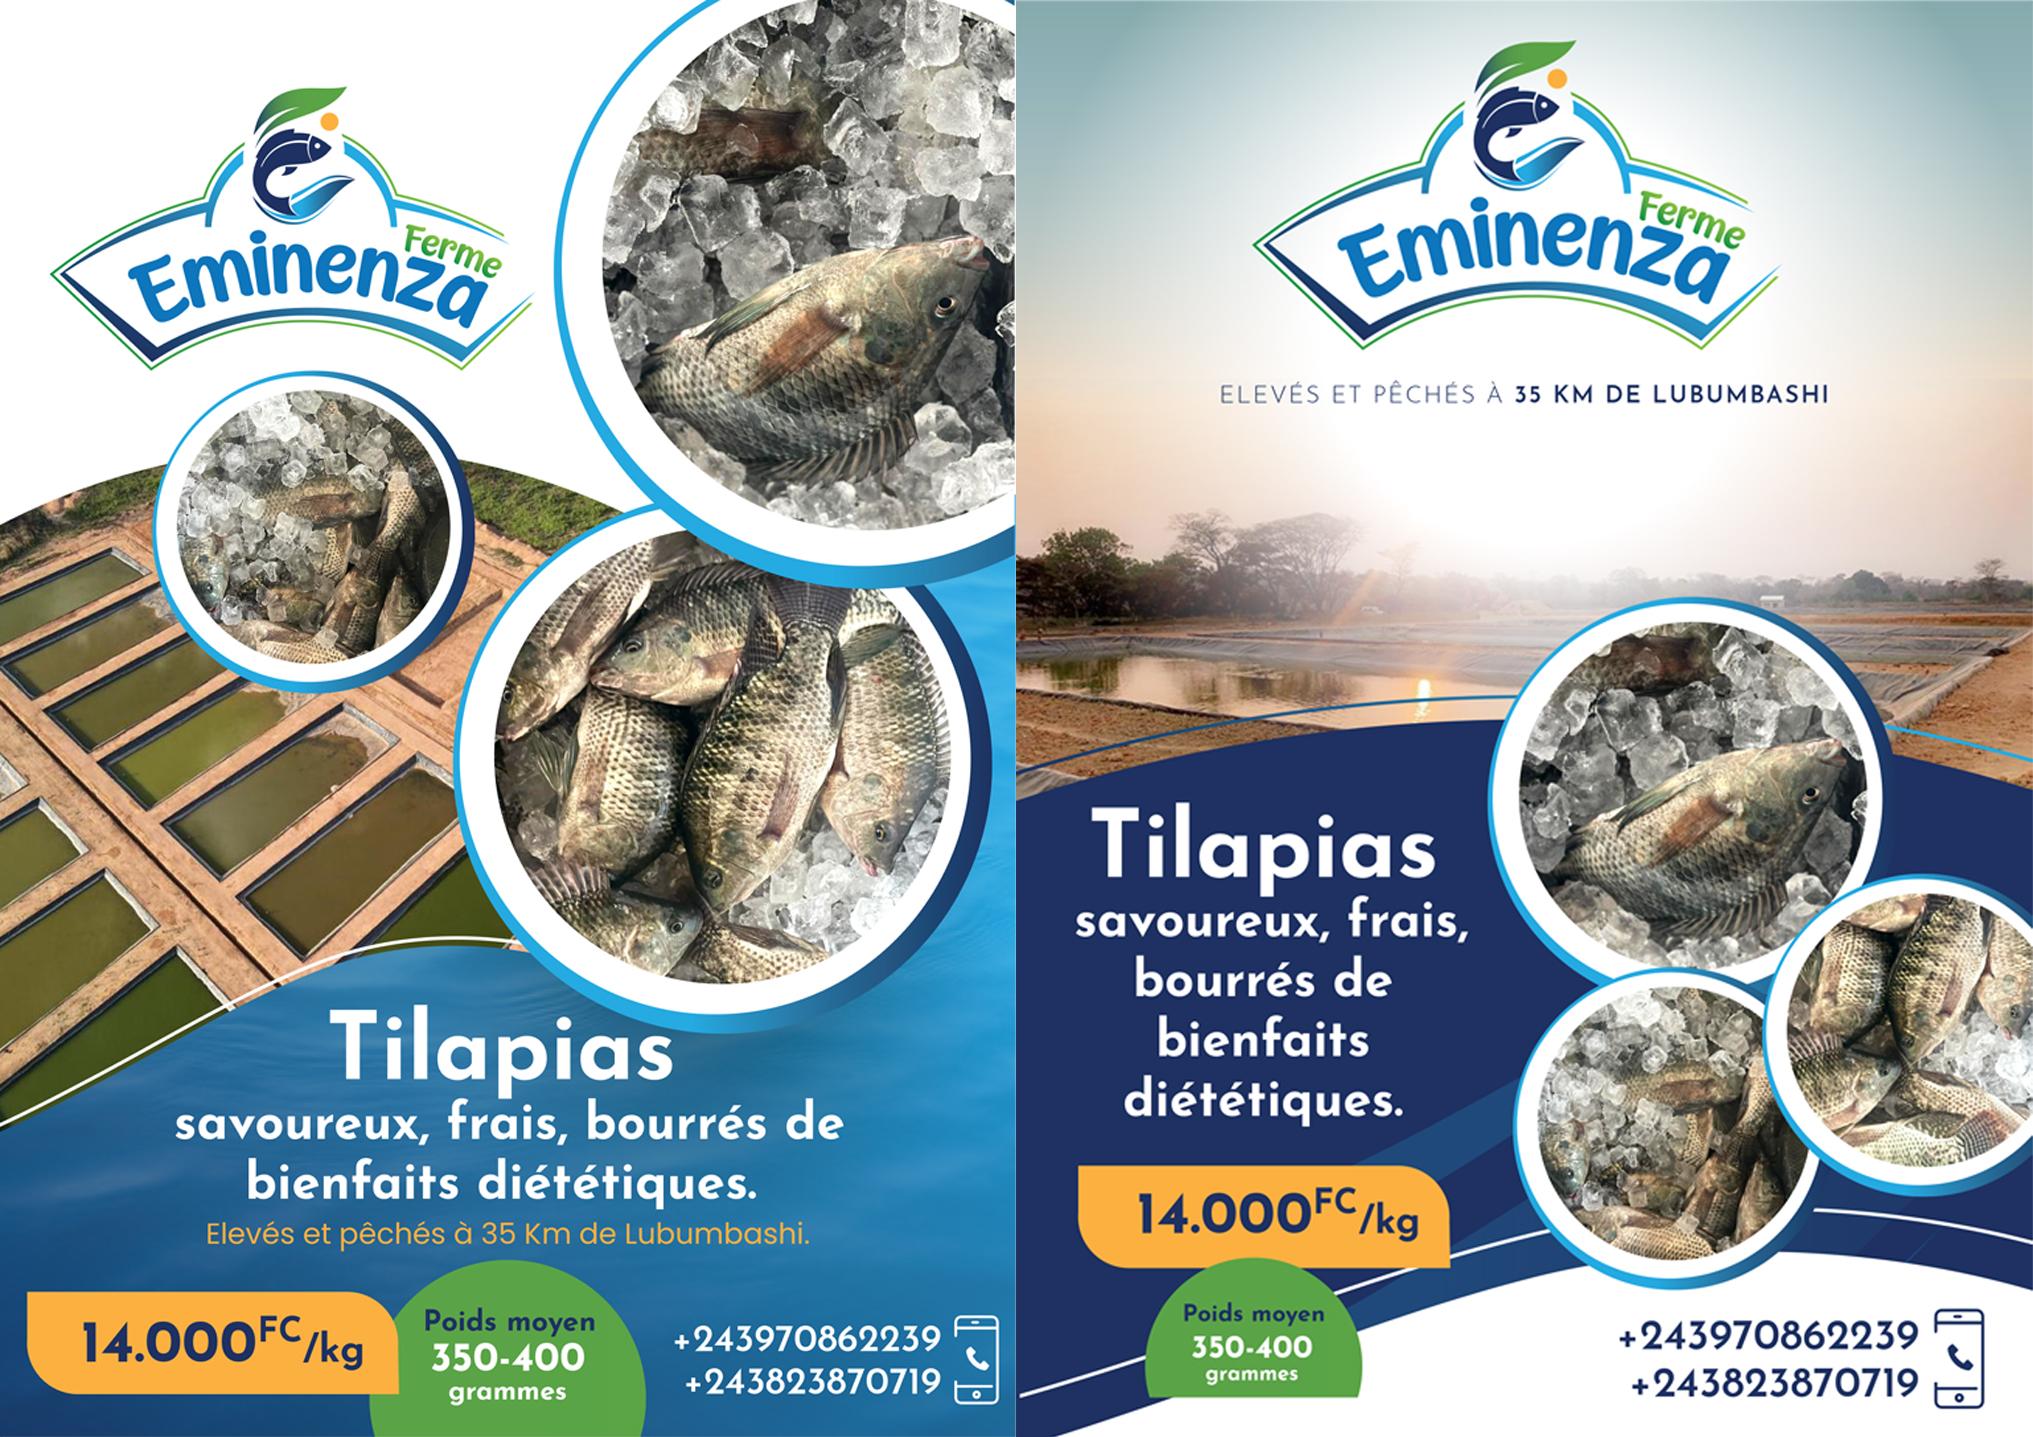 FERME EMINENZA: Du poisson frais jusque chez vous.